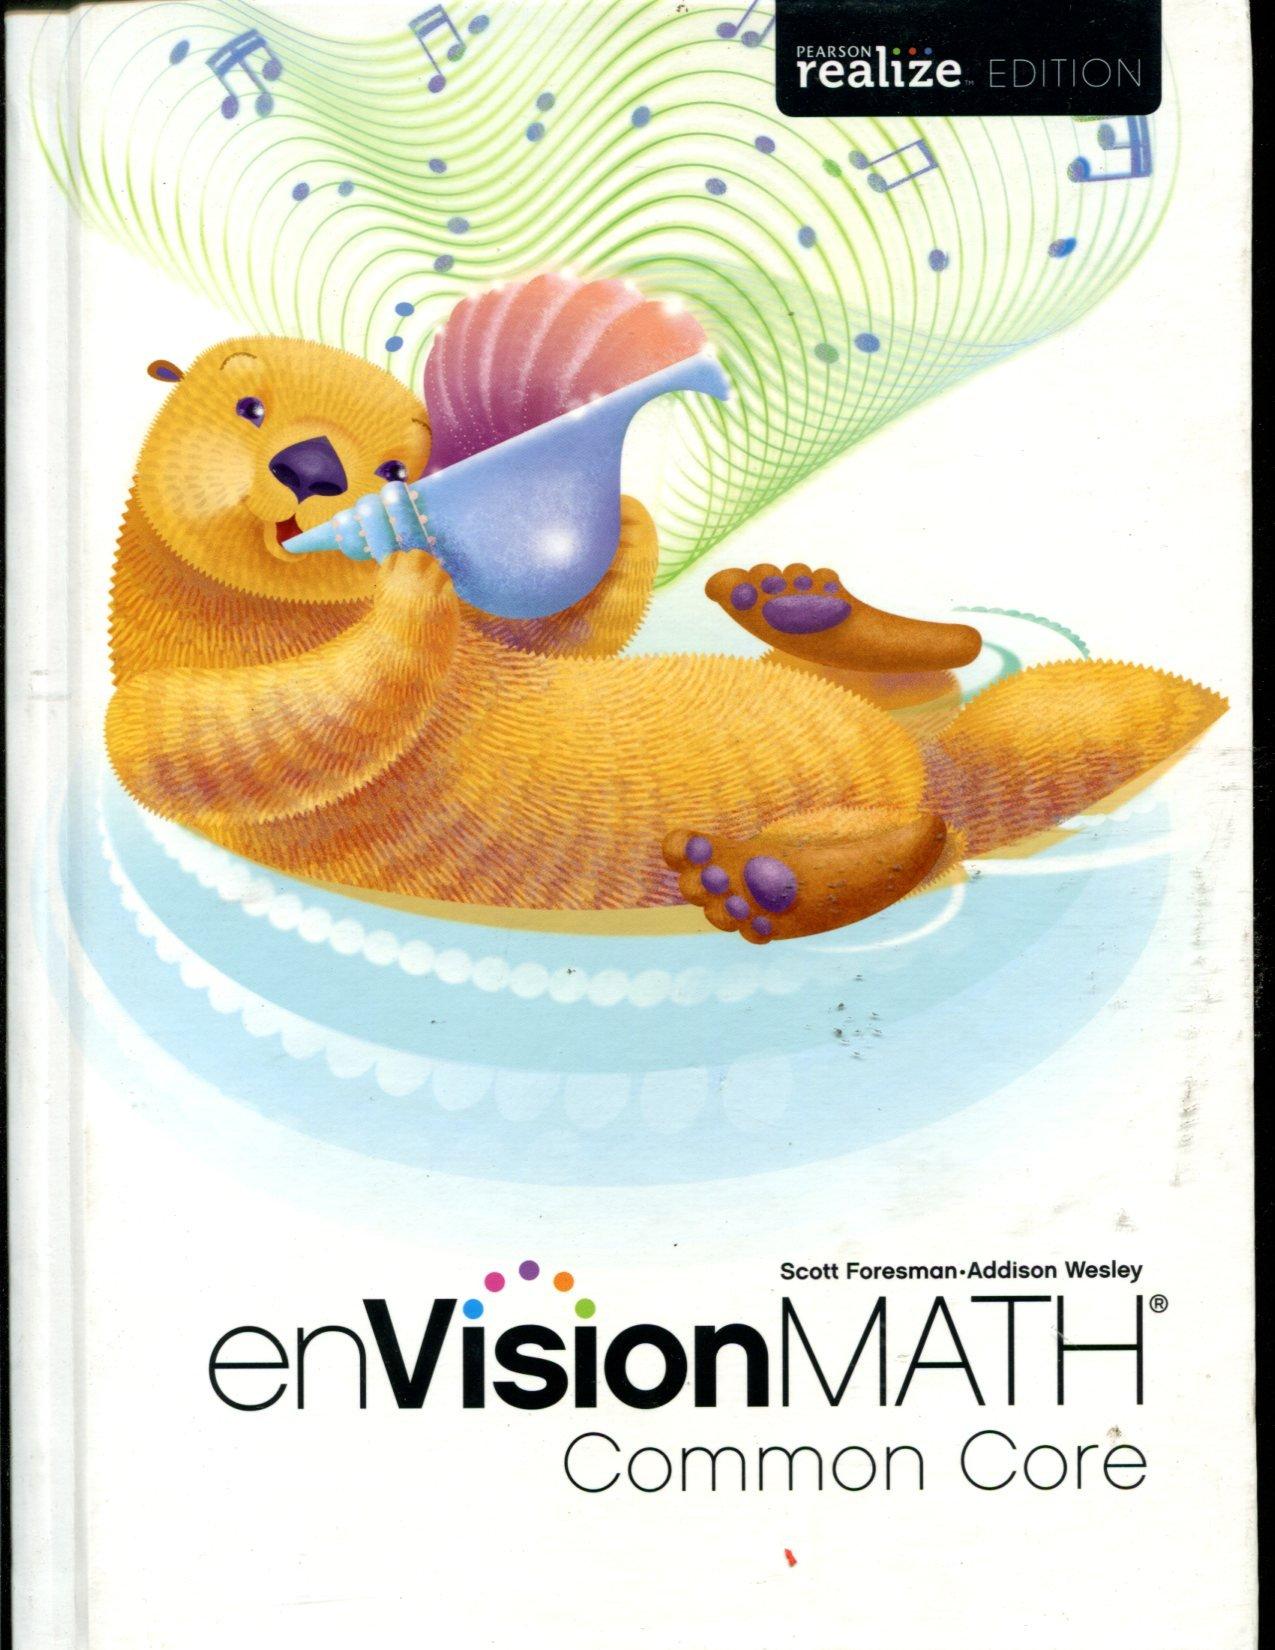 Amazon com: enVision Math Common Core, Person Realize